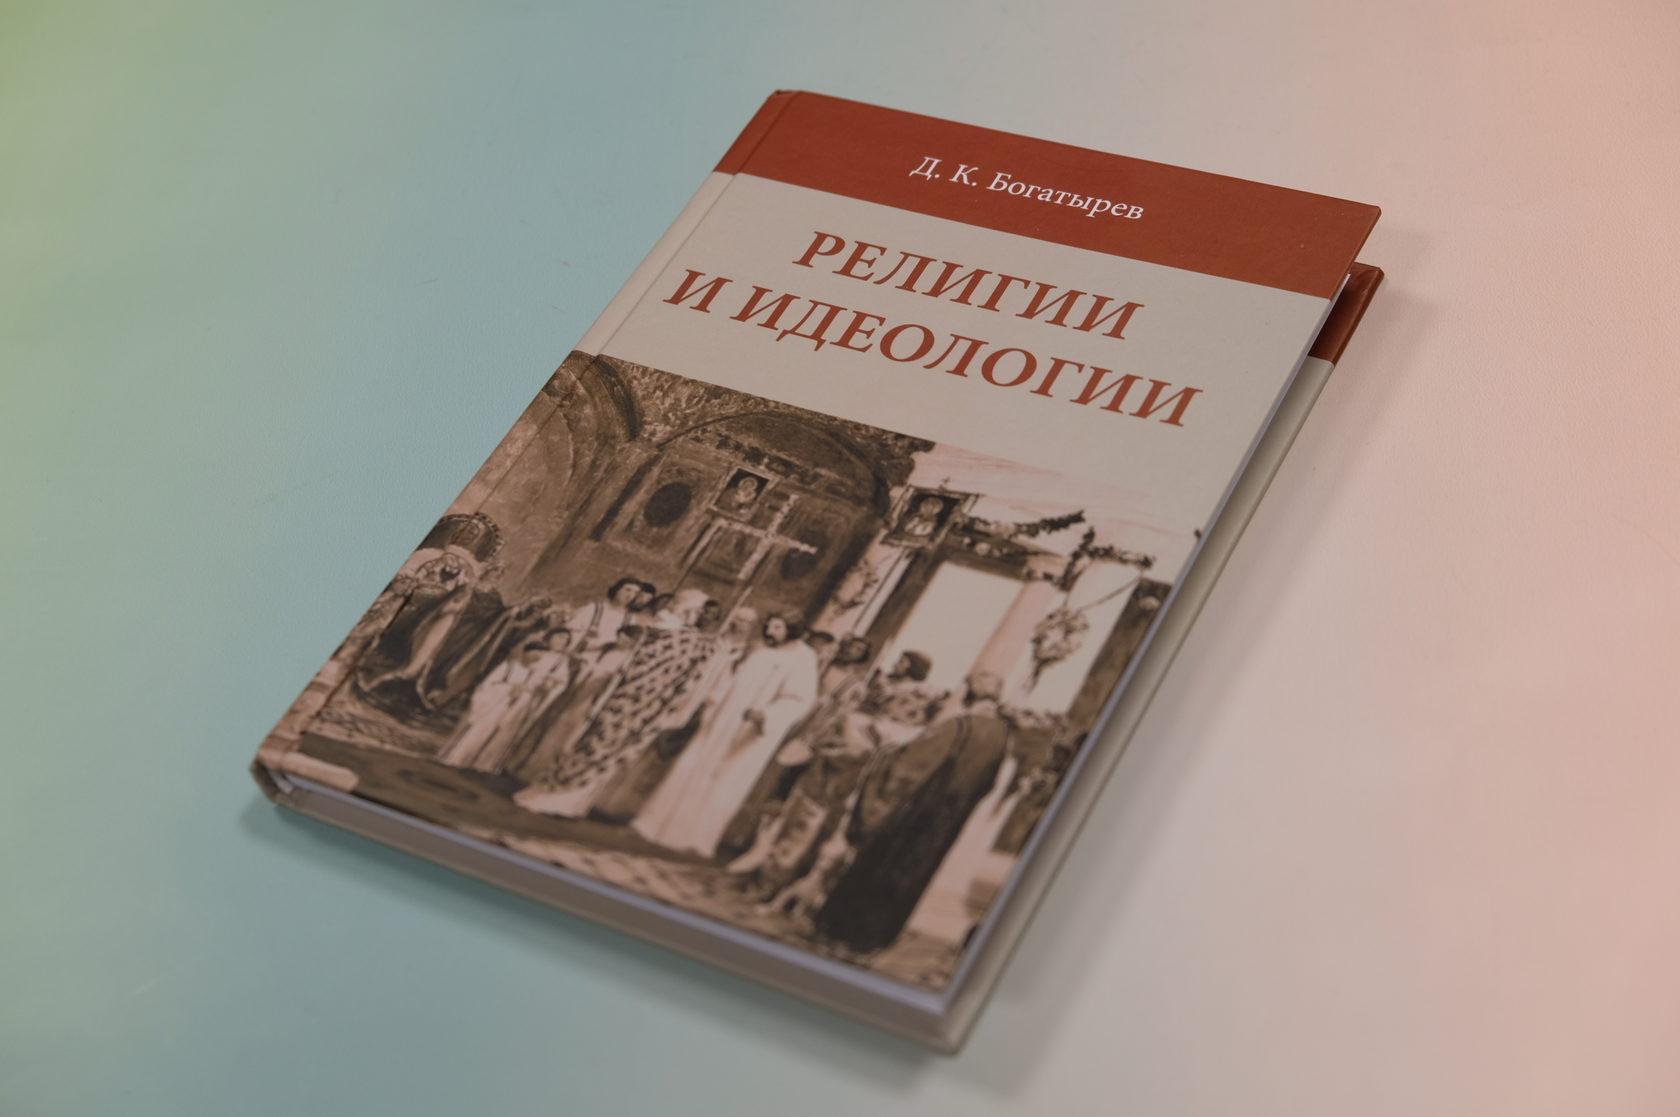 Богатырев Д. К. «Религии и идеологии»